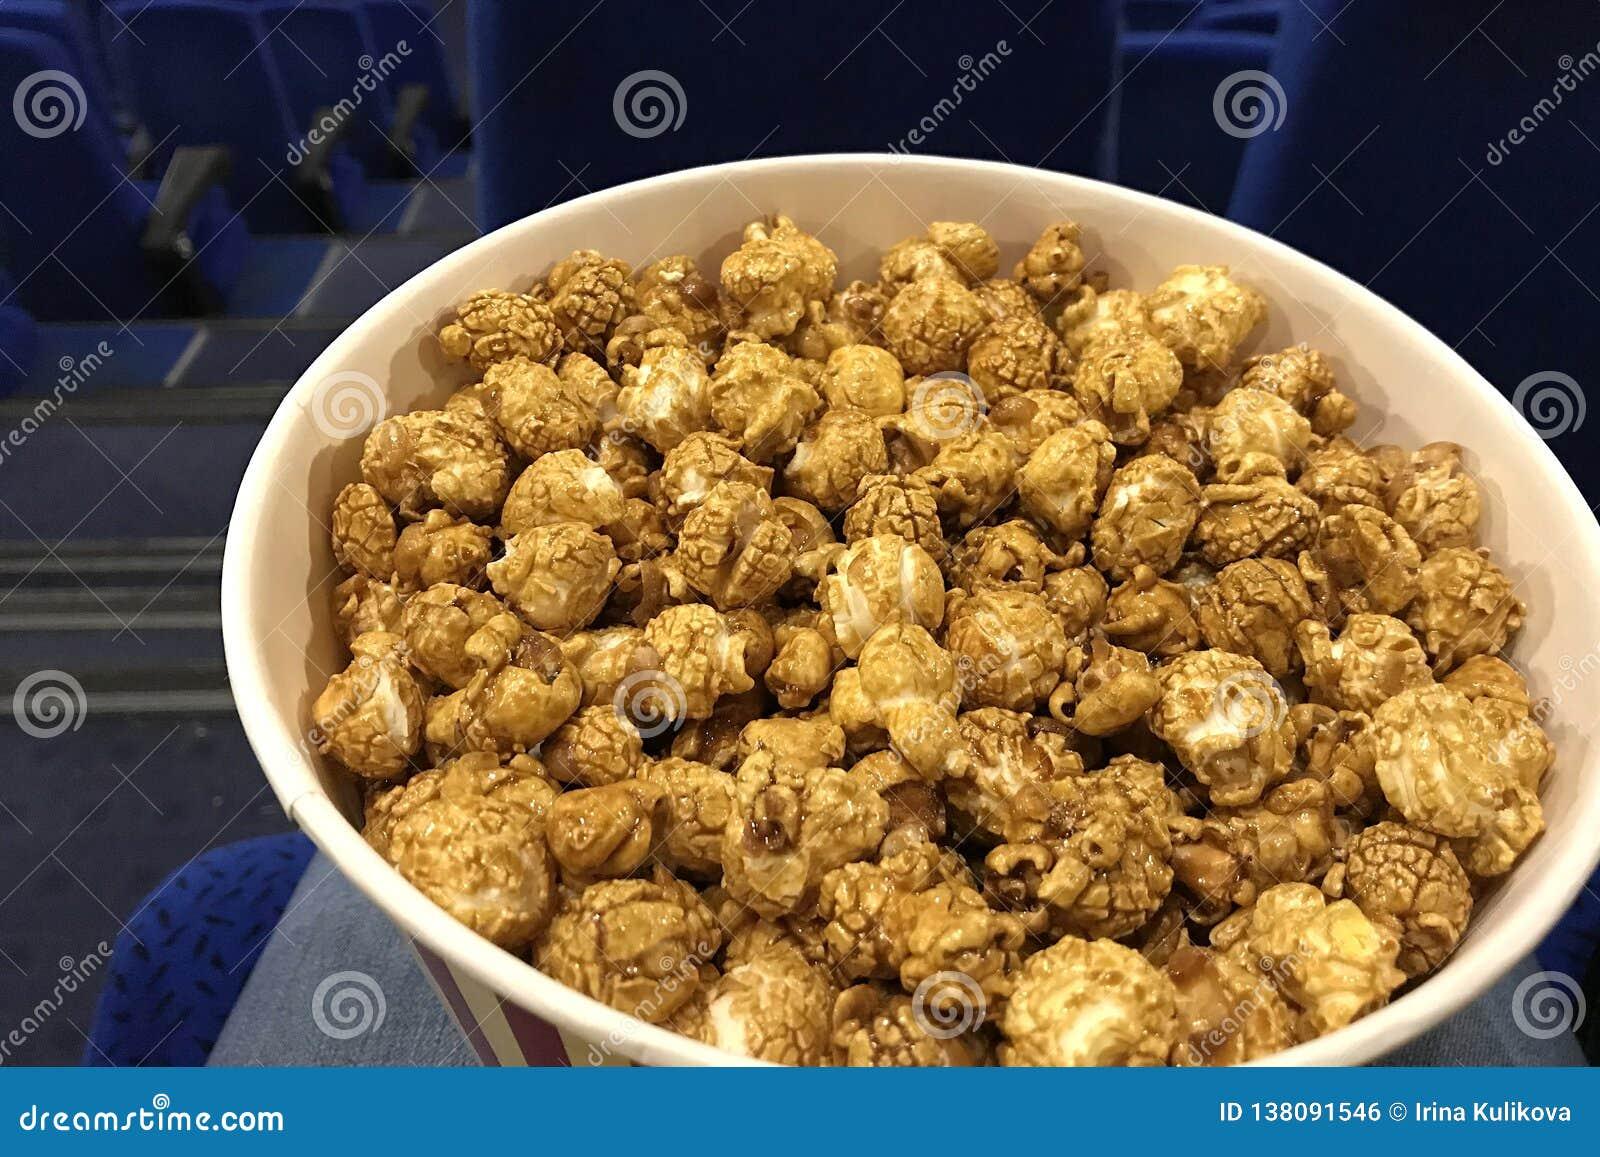 Большое ведро очень вкусного попкорна карамельки на подоле человека ждать фильм для начала на кино